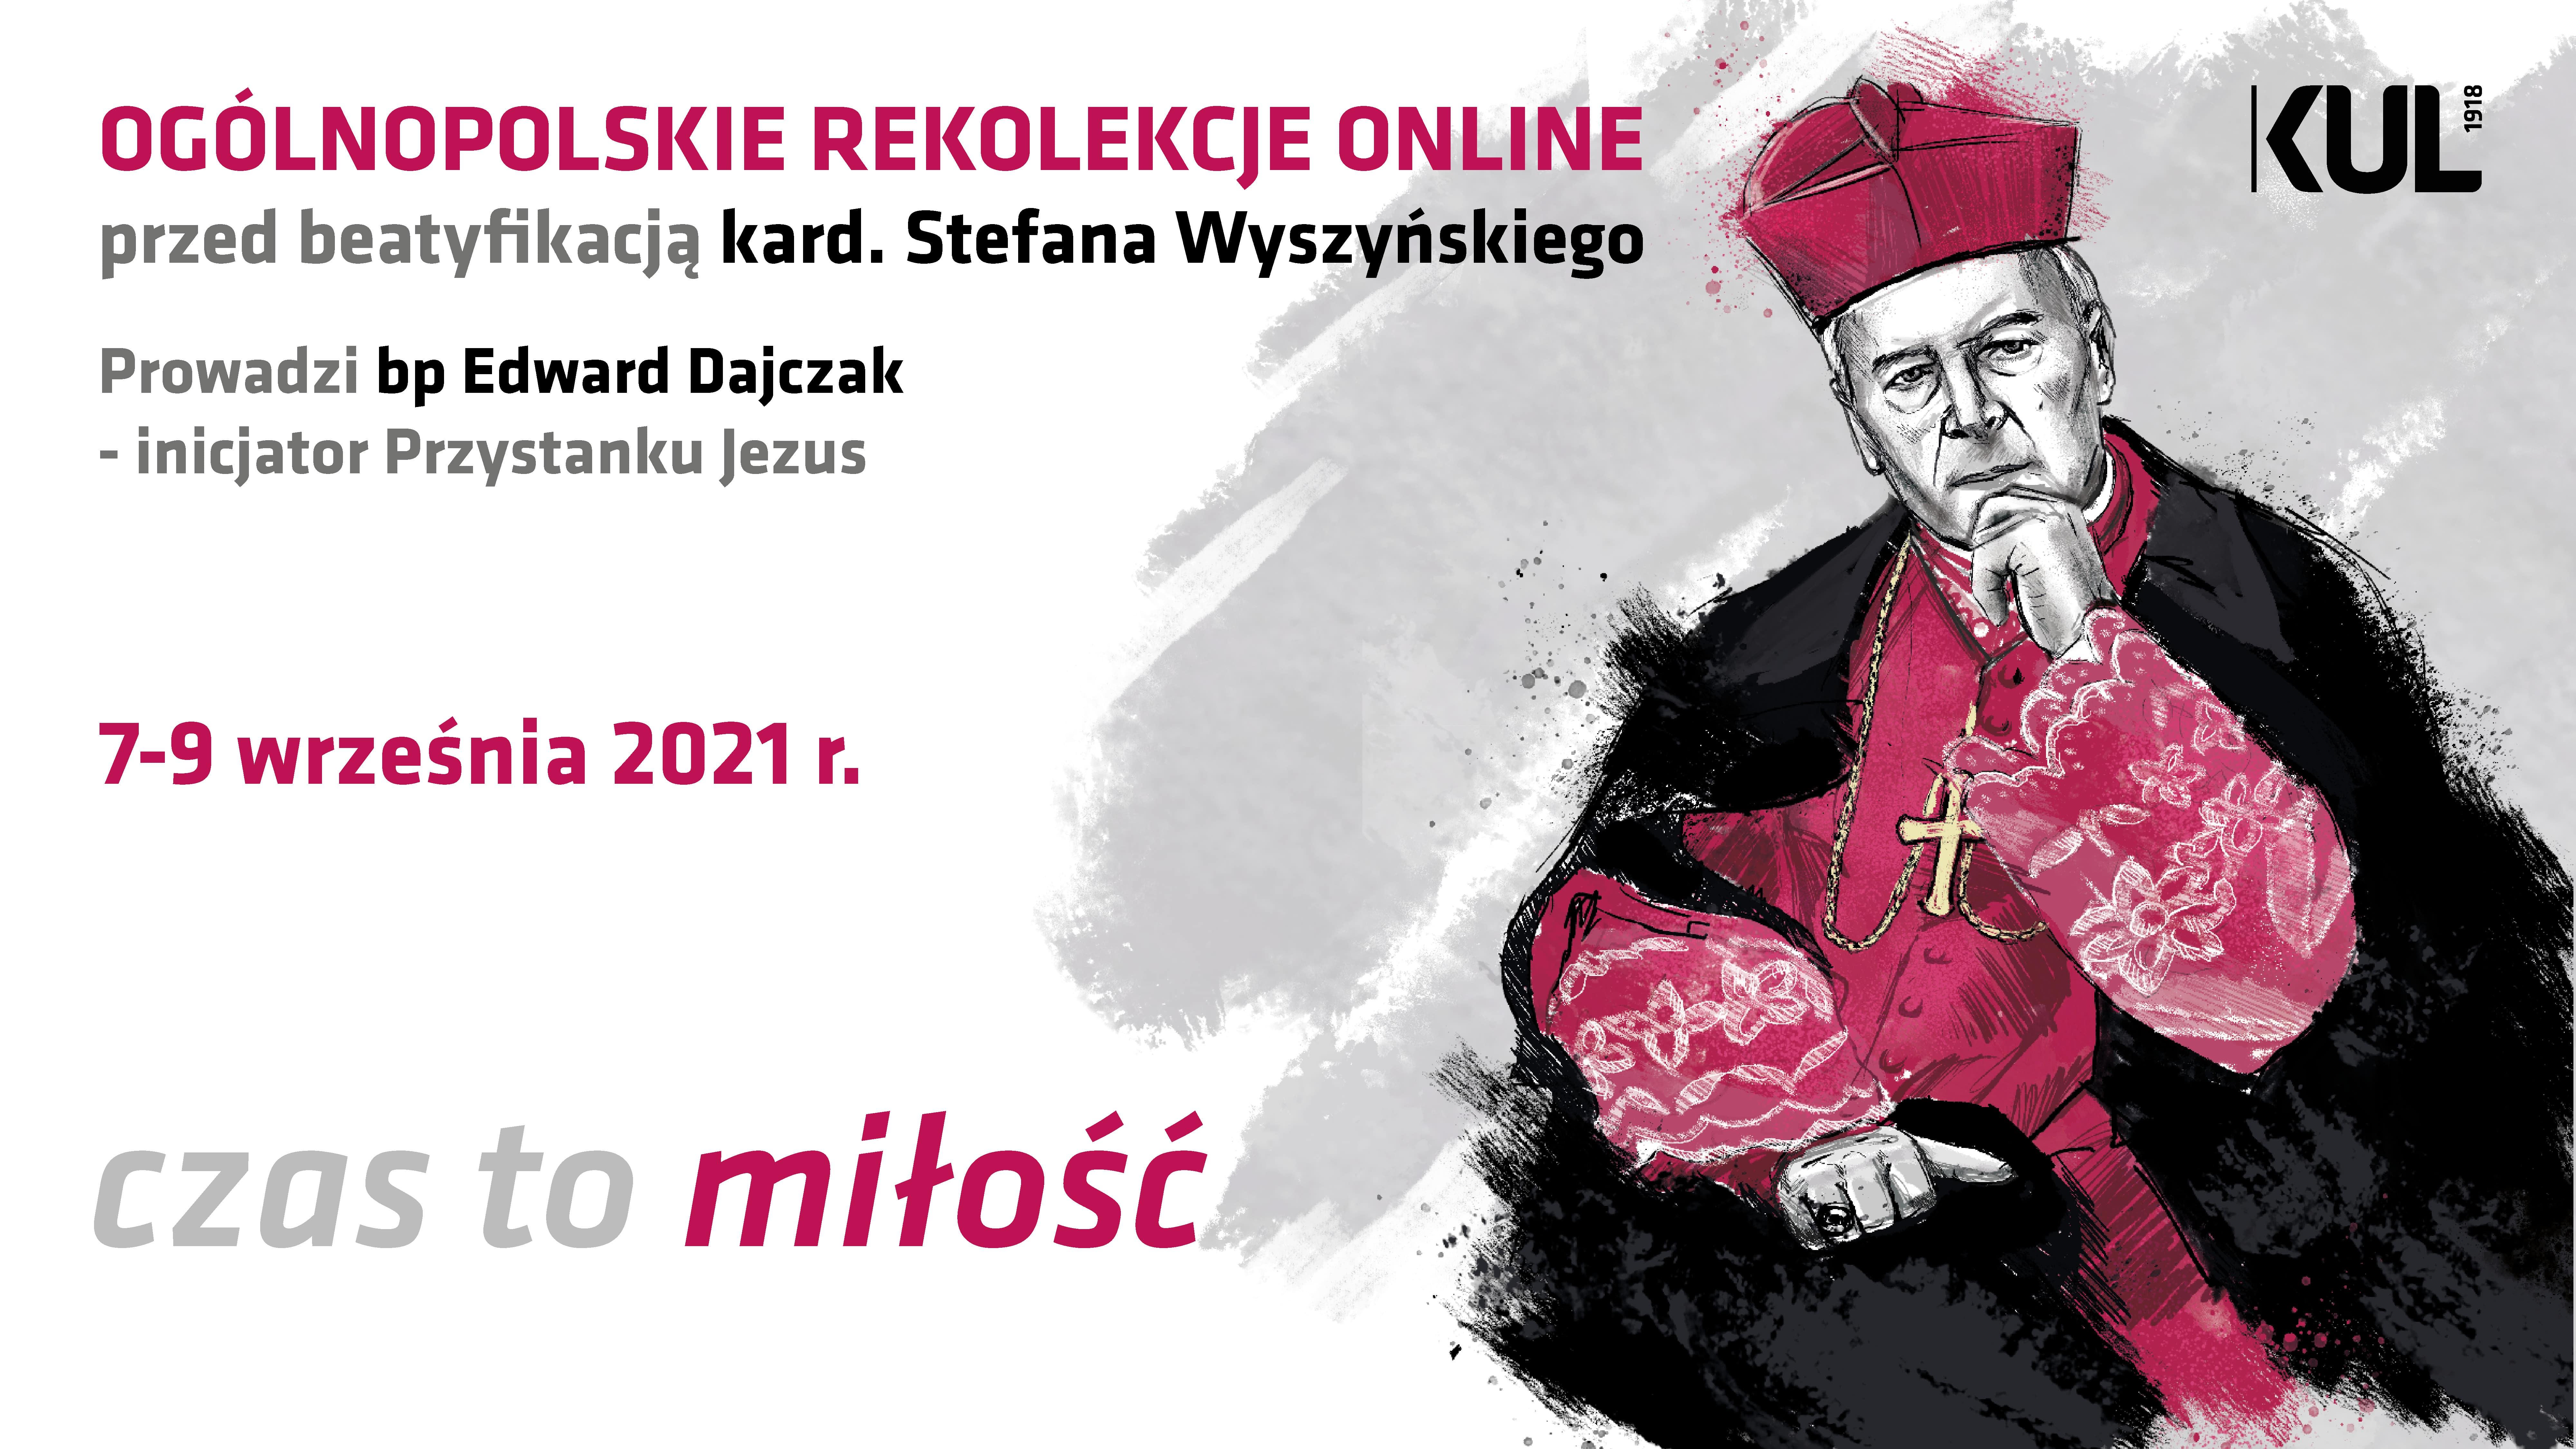 Lublin: KUL organizuje specjalne rekolekcje. Przed beatyfikacją kard. Stefana Wyszyńskiego  - Zdjęcie główne